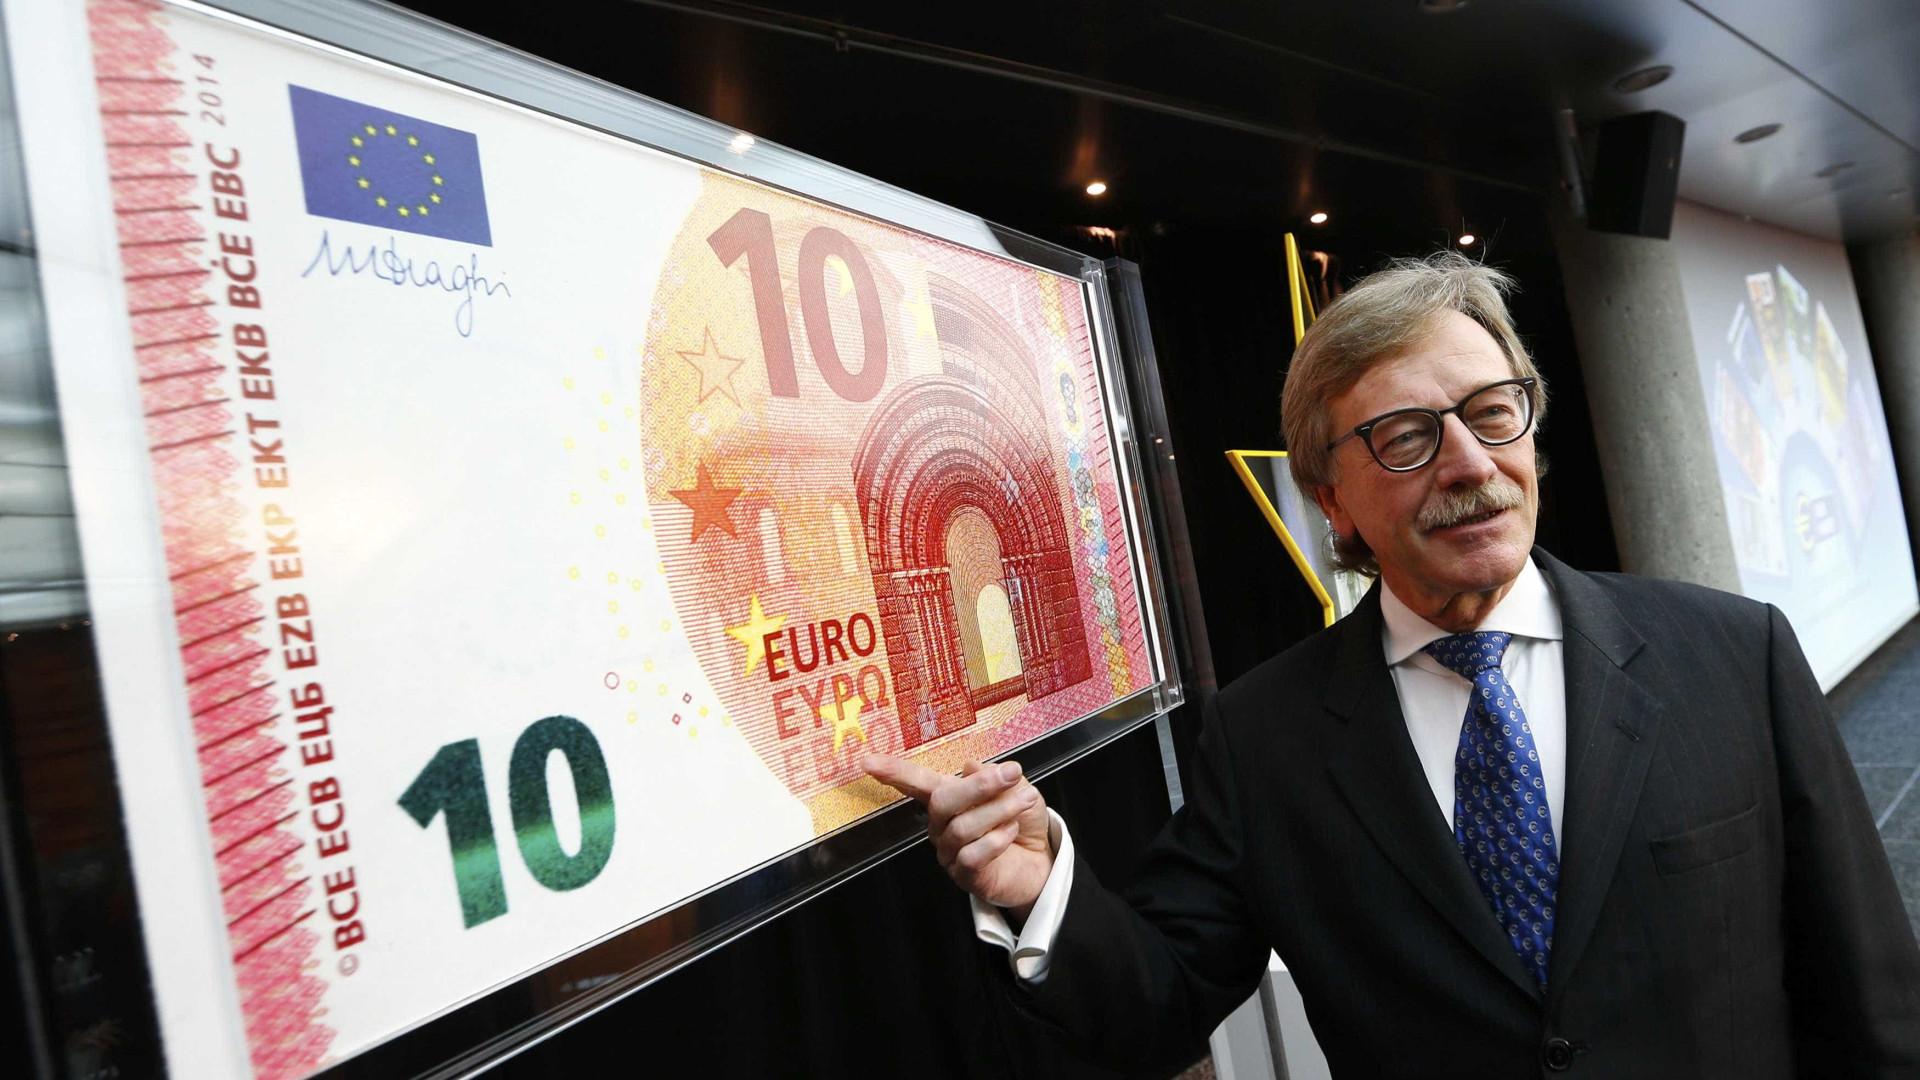 BCE assegura que vai manter presença assinalável nos mercados